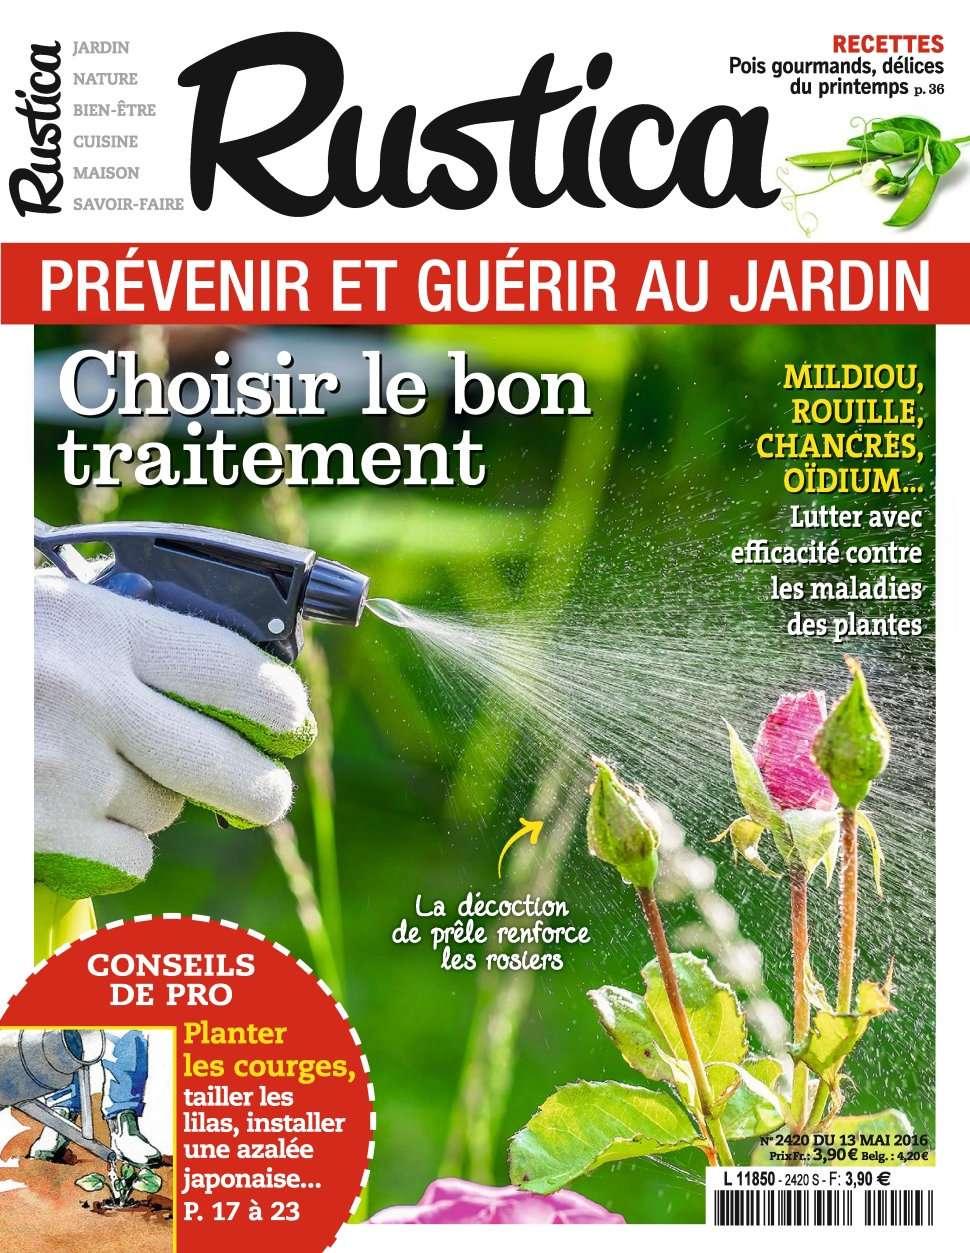 Rustica 2420 - 13 au 19 Mai 2016